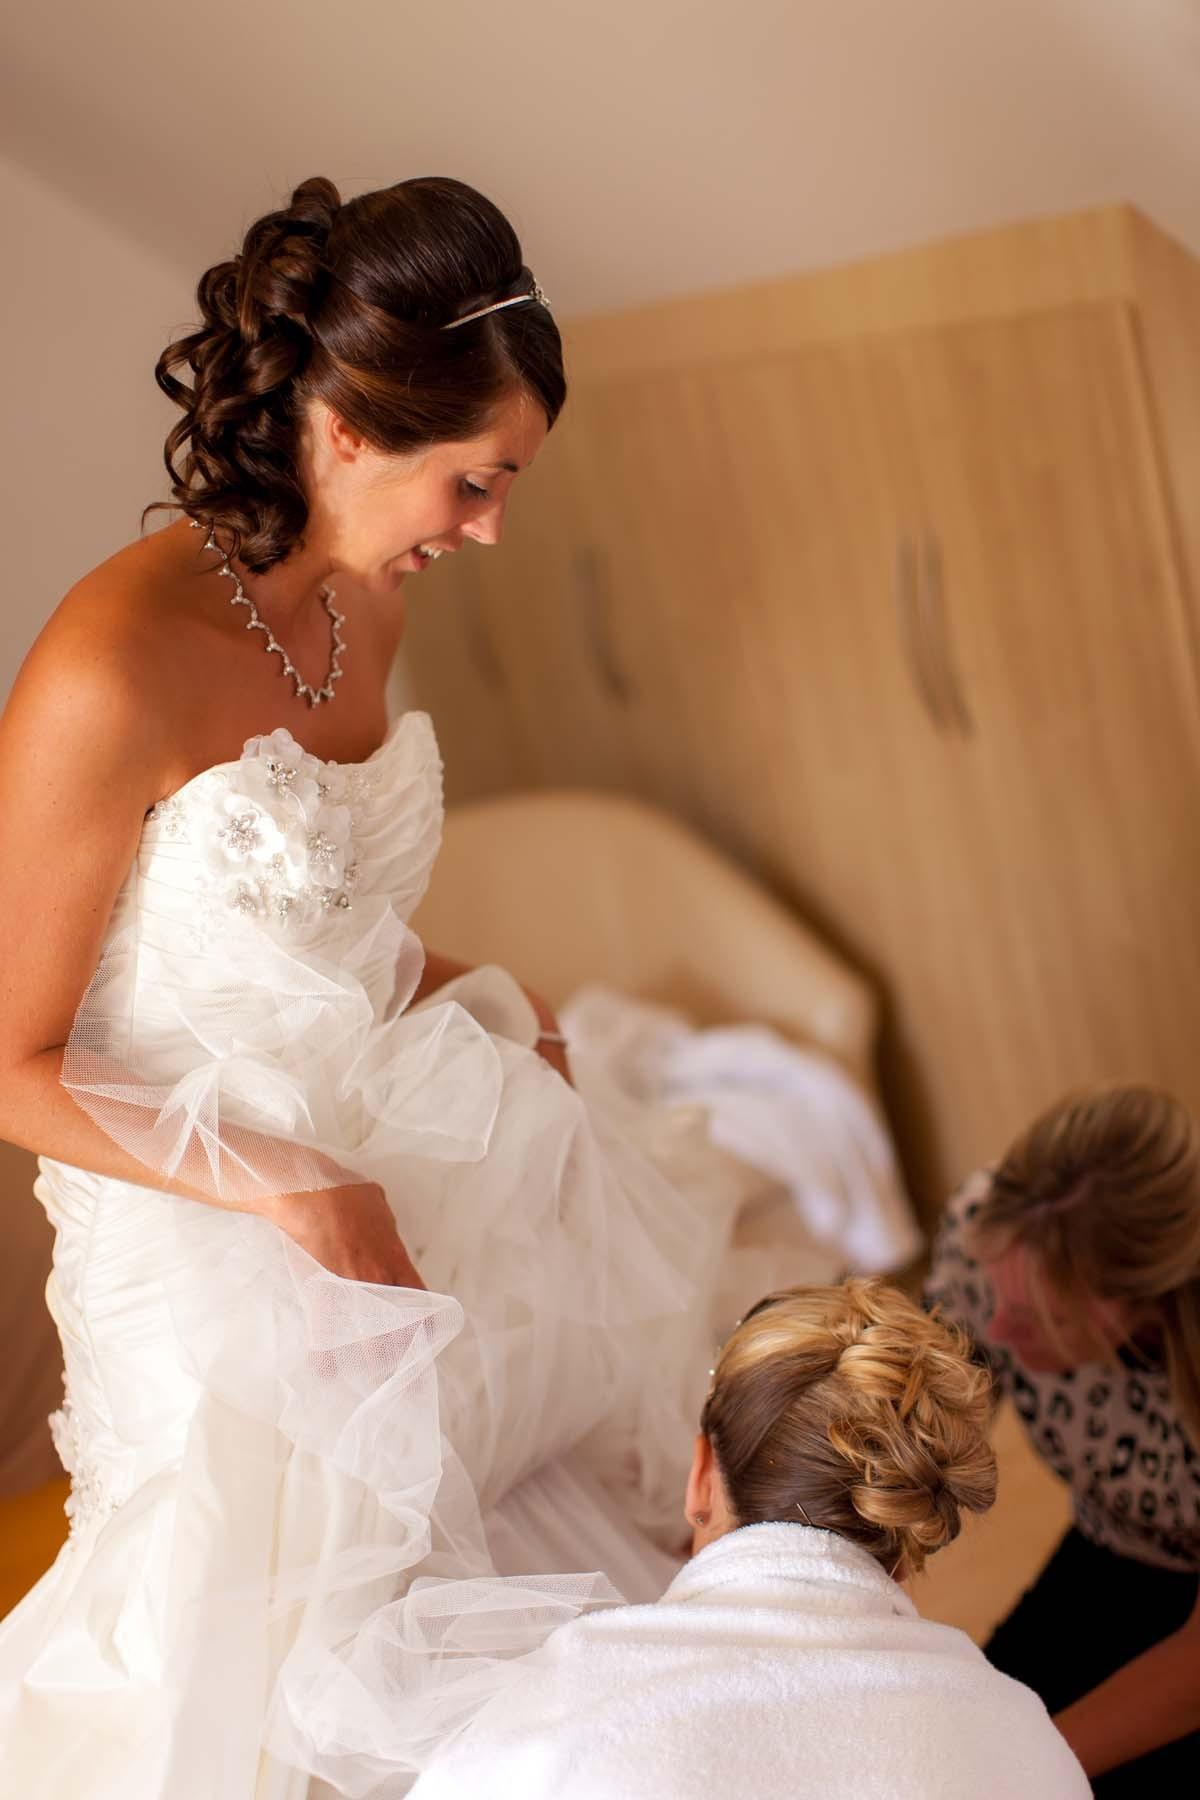 Sussex & Surrey Wedding Photographer - Preparation (17)